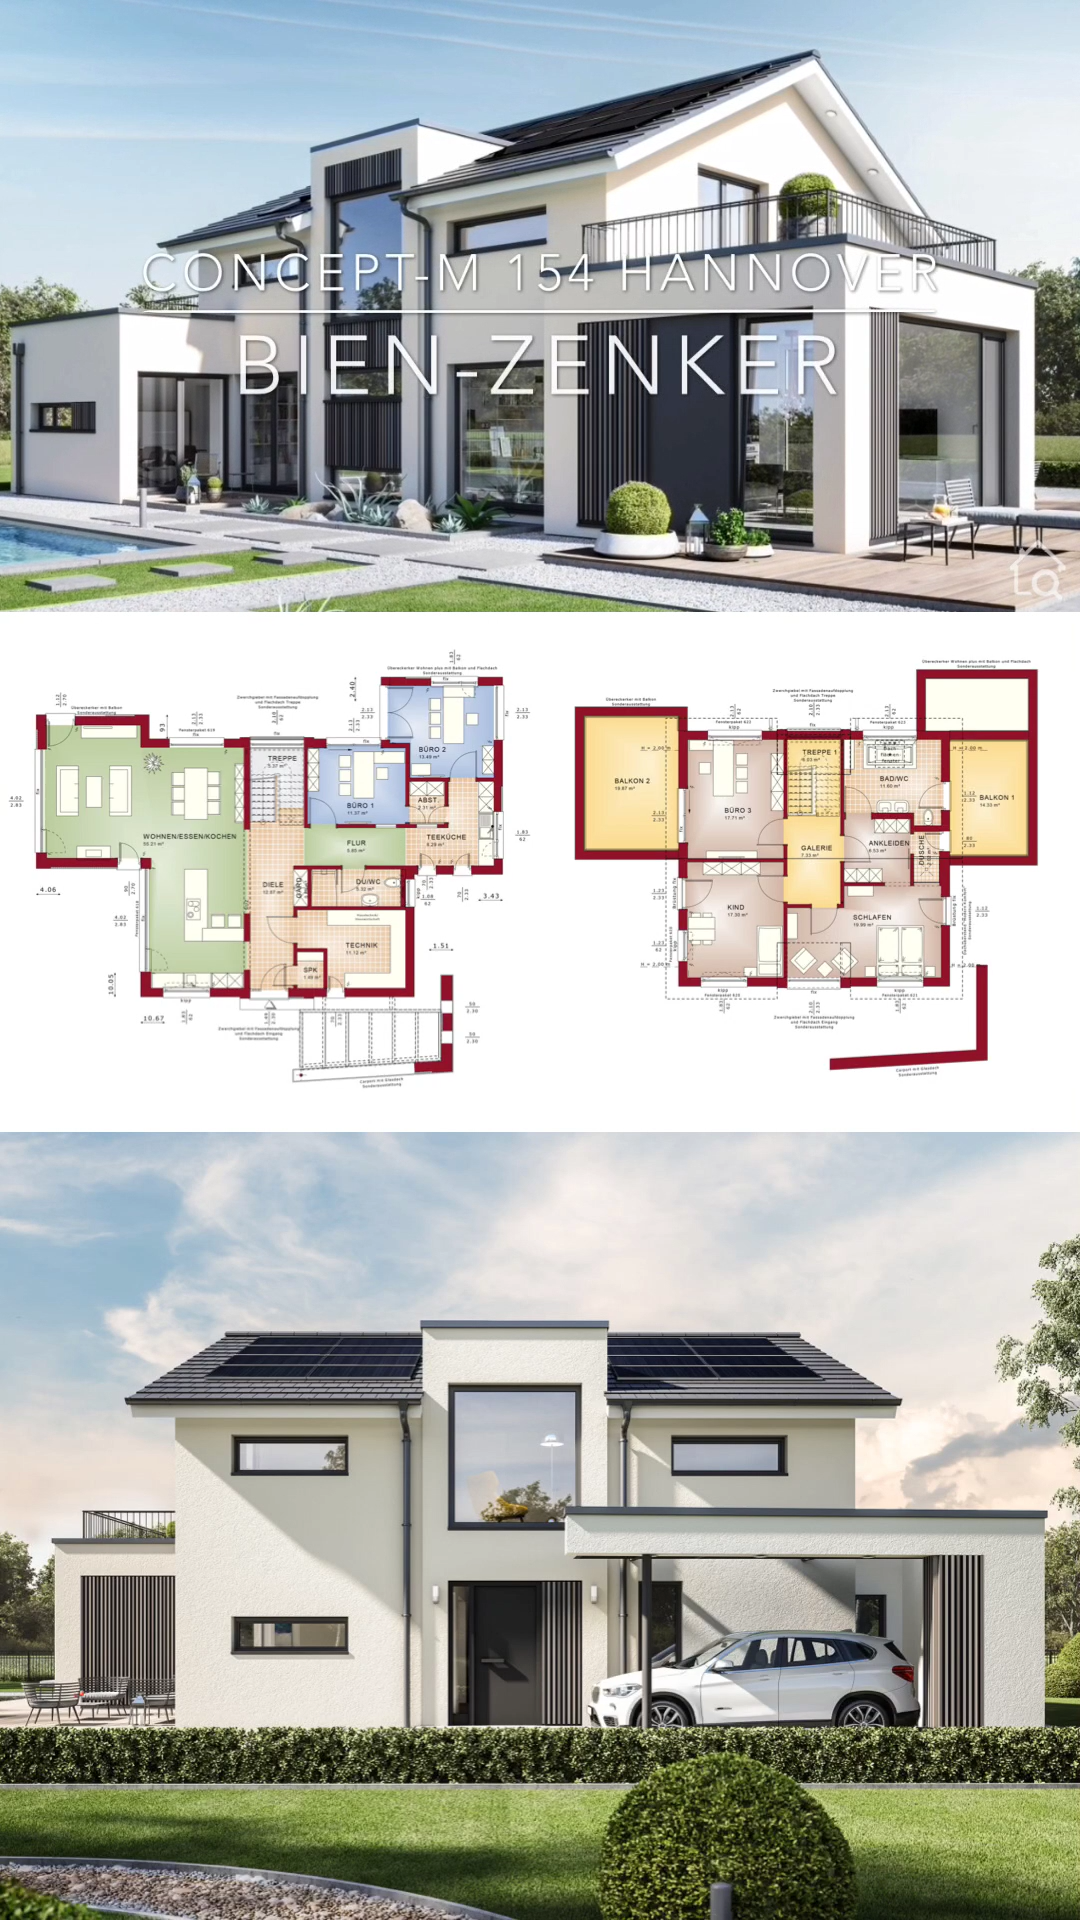 Modernes Fertighaus Mit Satteldach Bauen Haus Ideen Design Innen Aussen M Aussen B In 2020 House Construction Plan Architecture House Modern House Plans